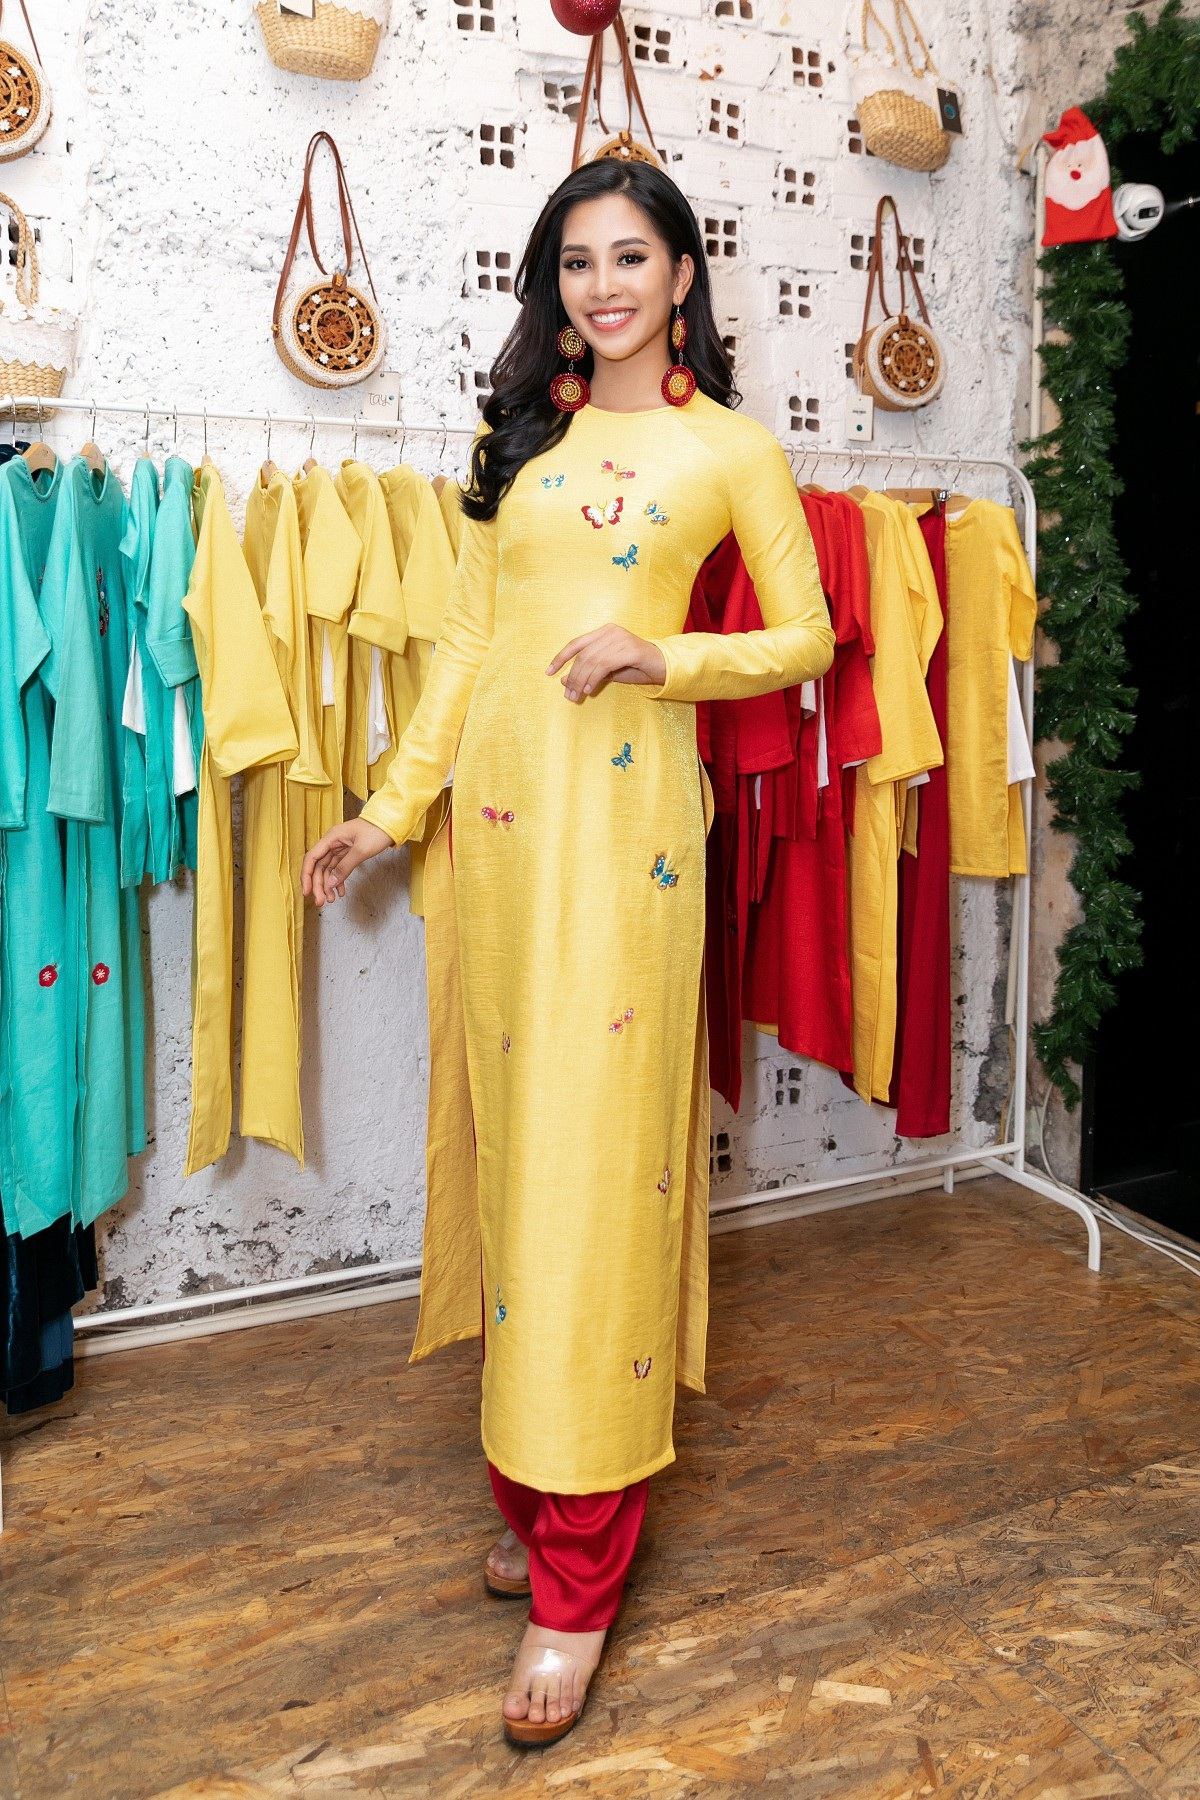 Hoa hậu Tiểu Vy khoe nhan sắc cuốn hút sau Miss World 2018 - Ảnh 2.